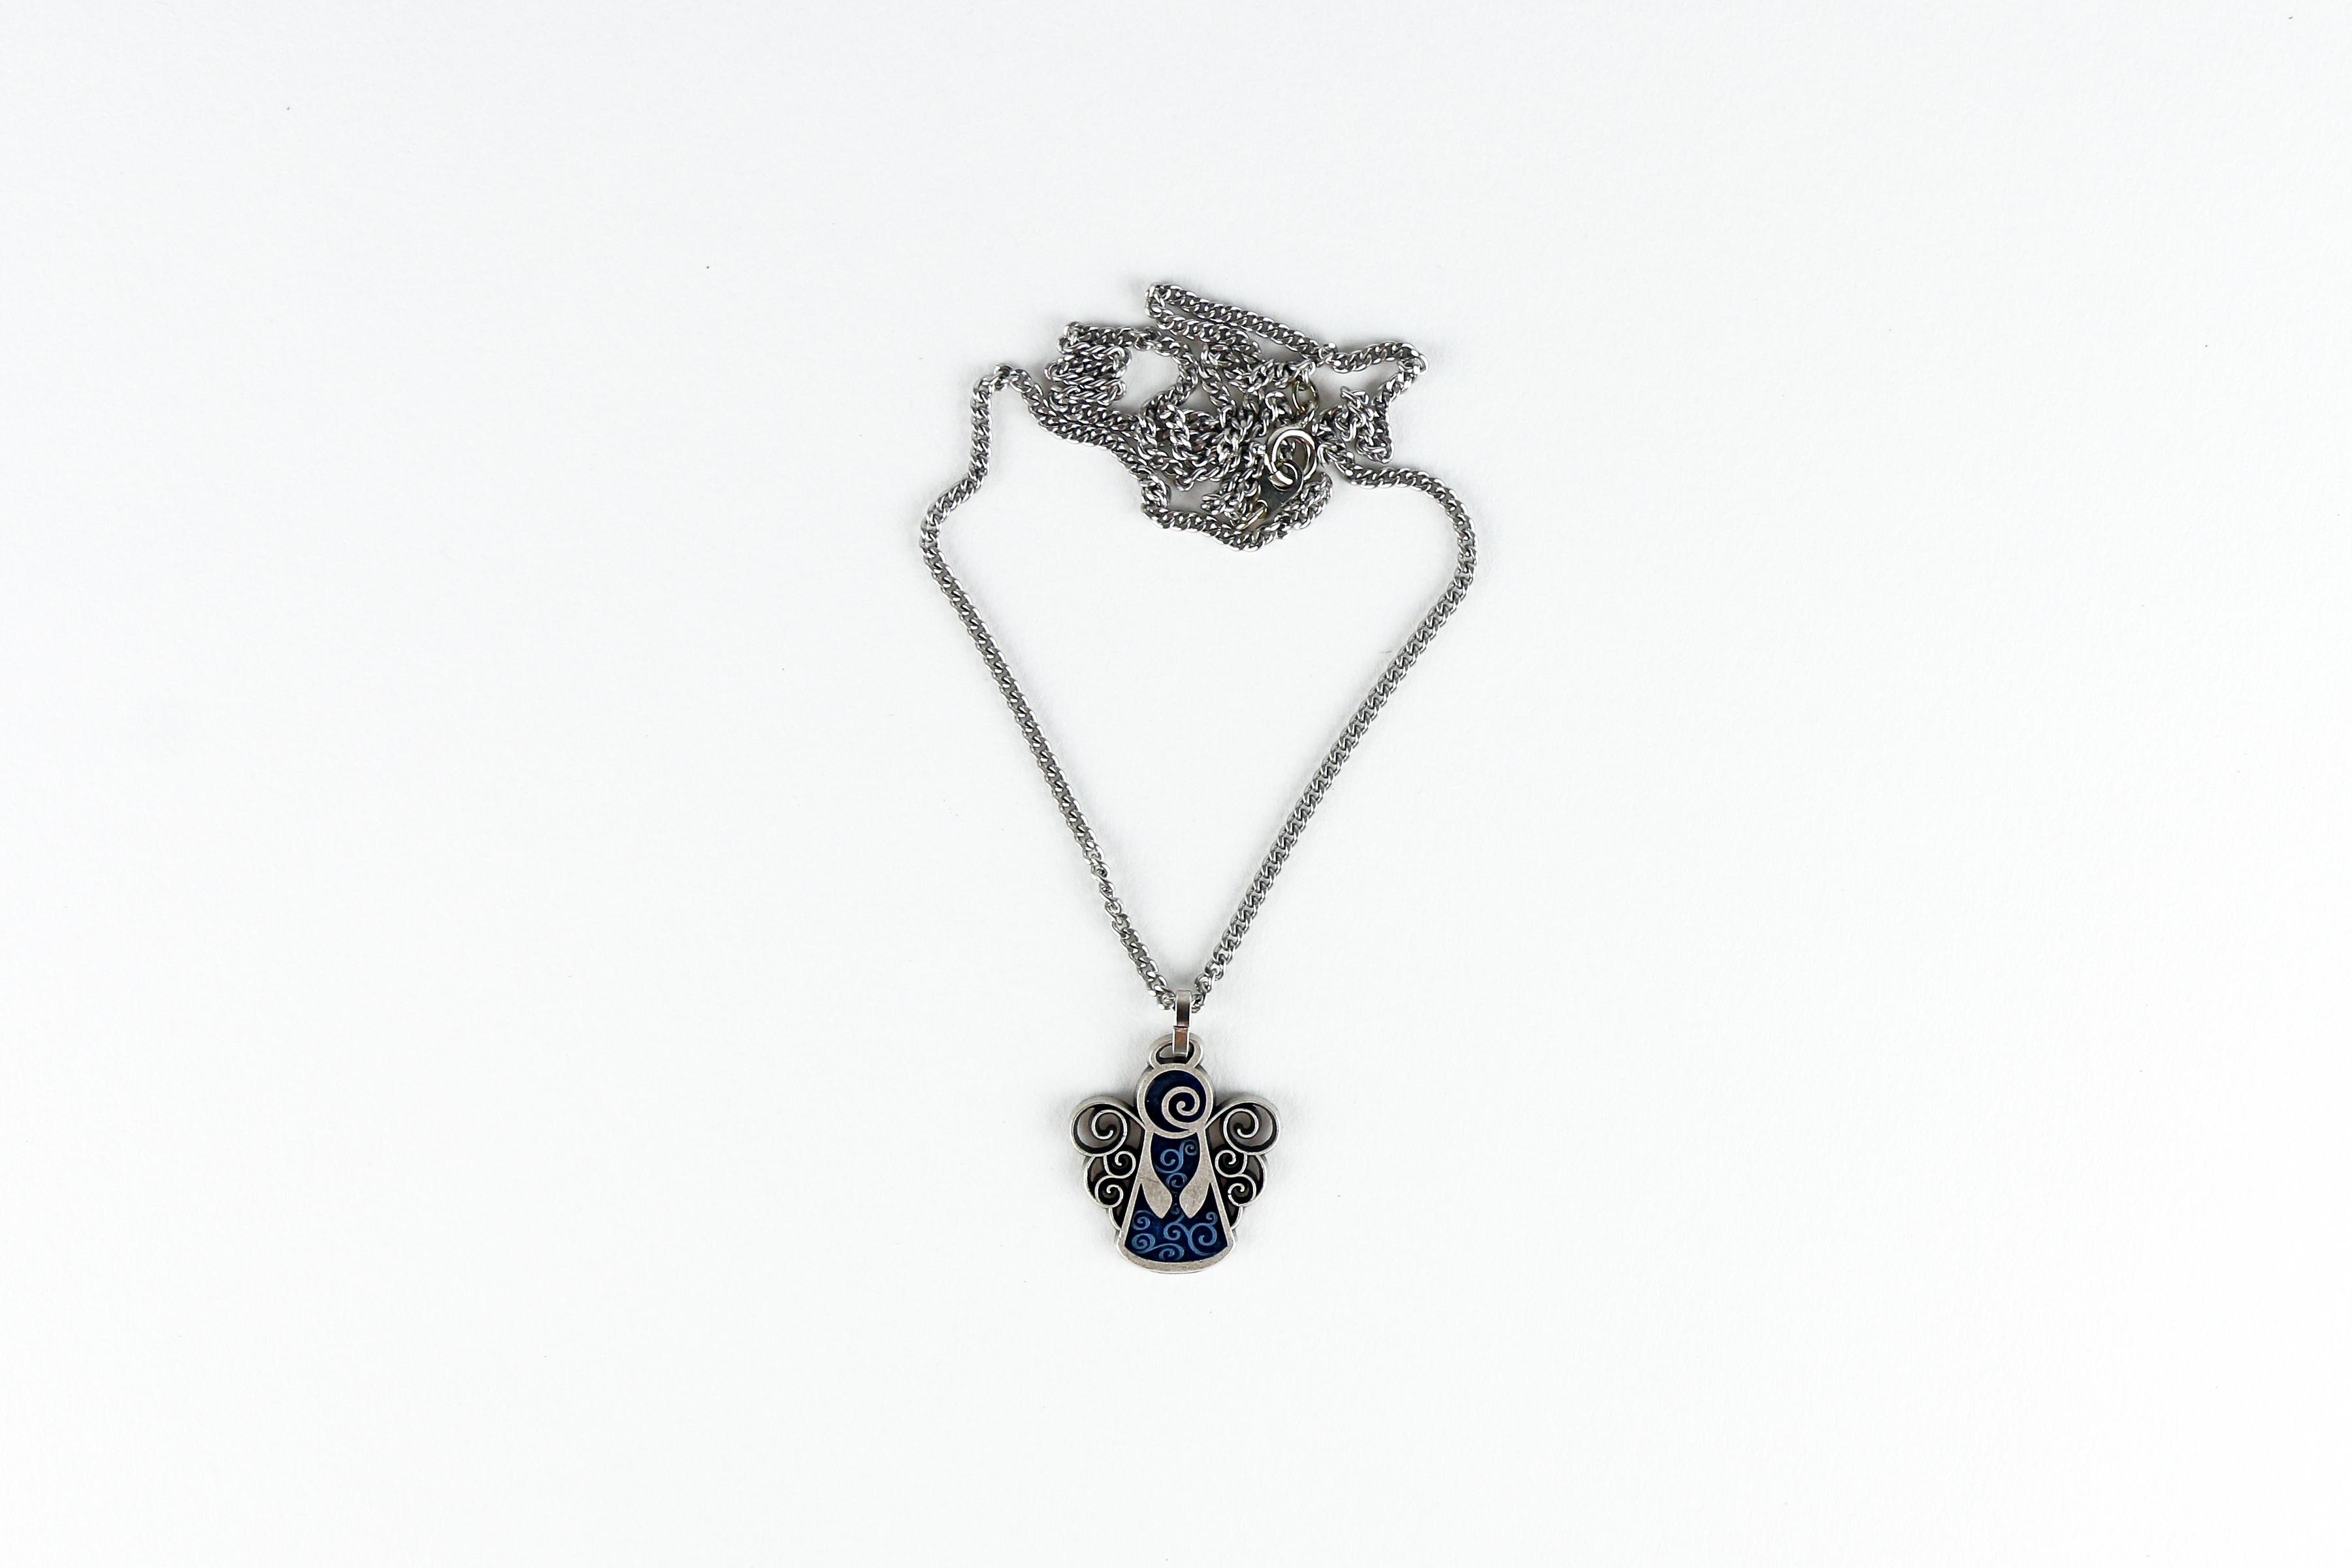 Chaîne et pendentif en forme d'ange / Angel pendant with chain